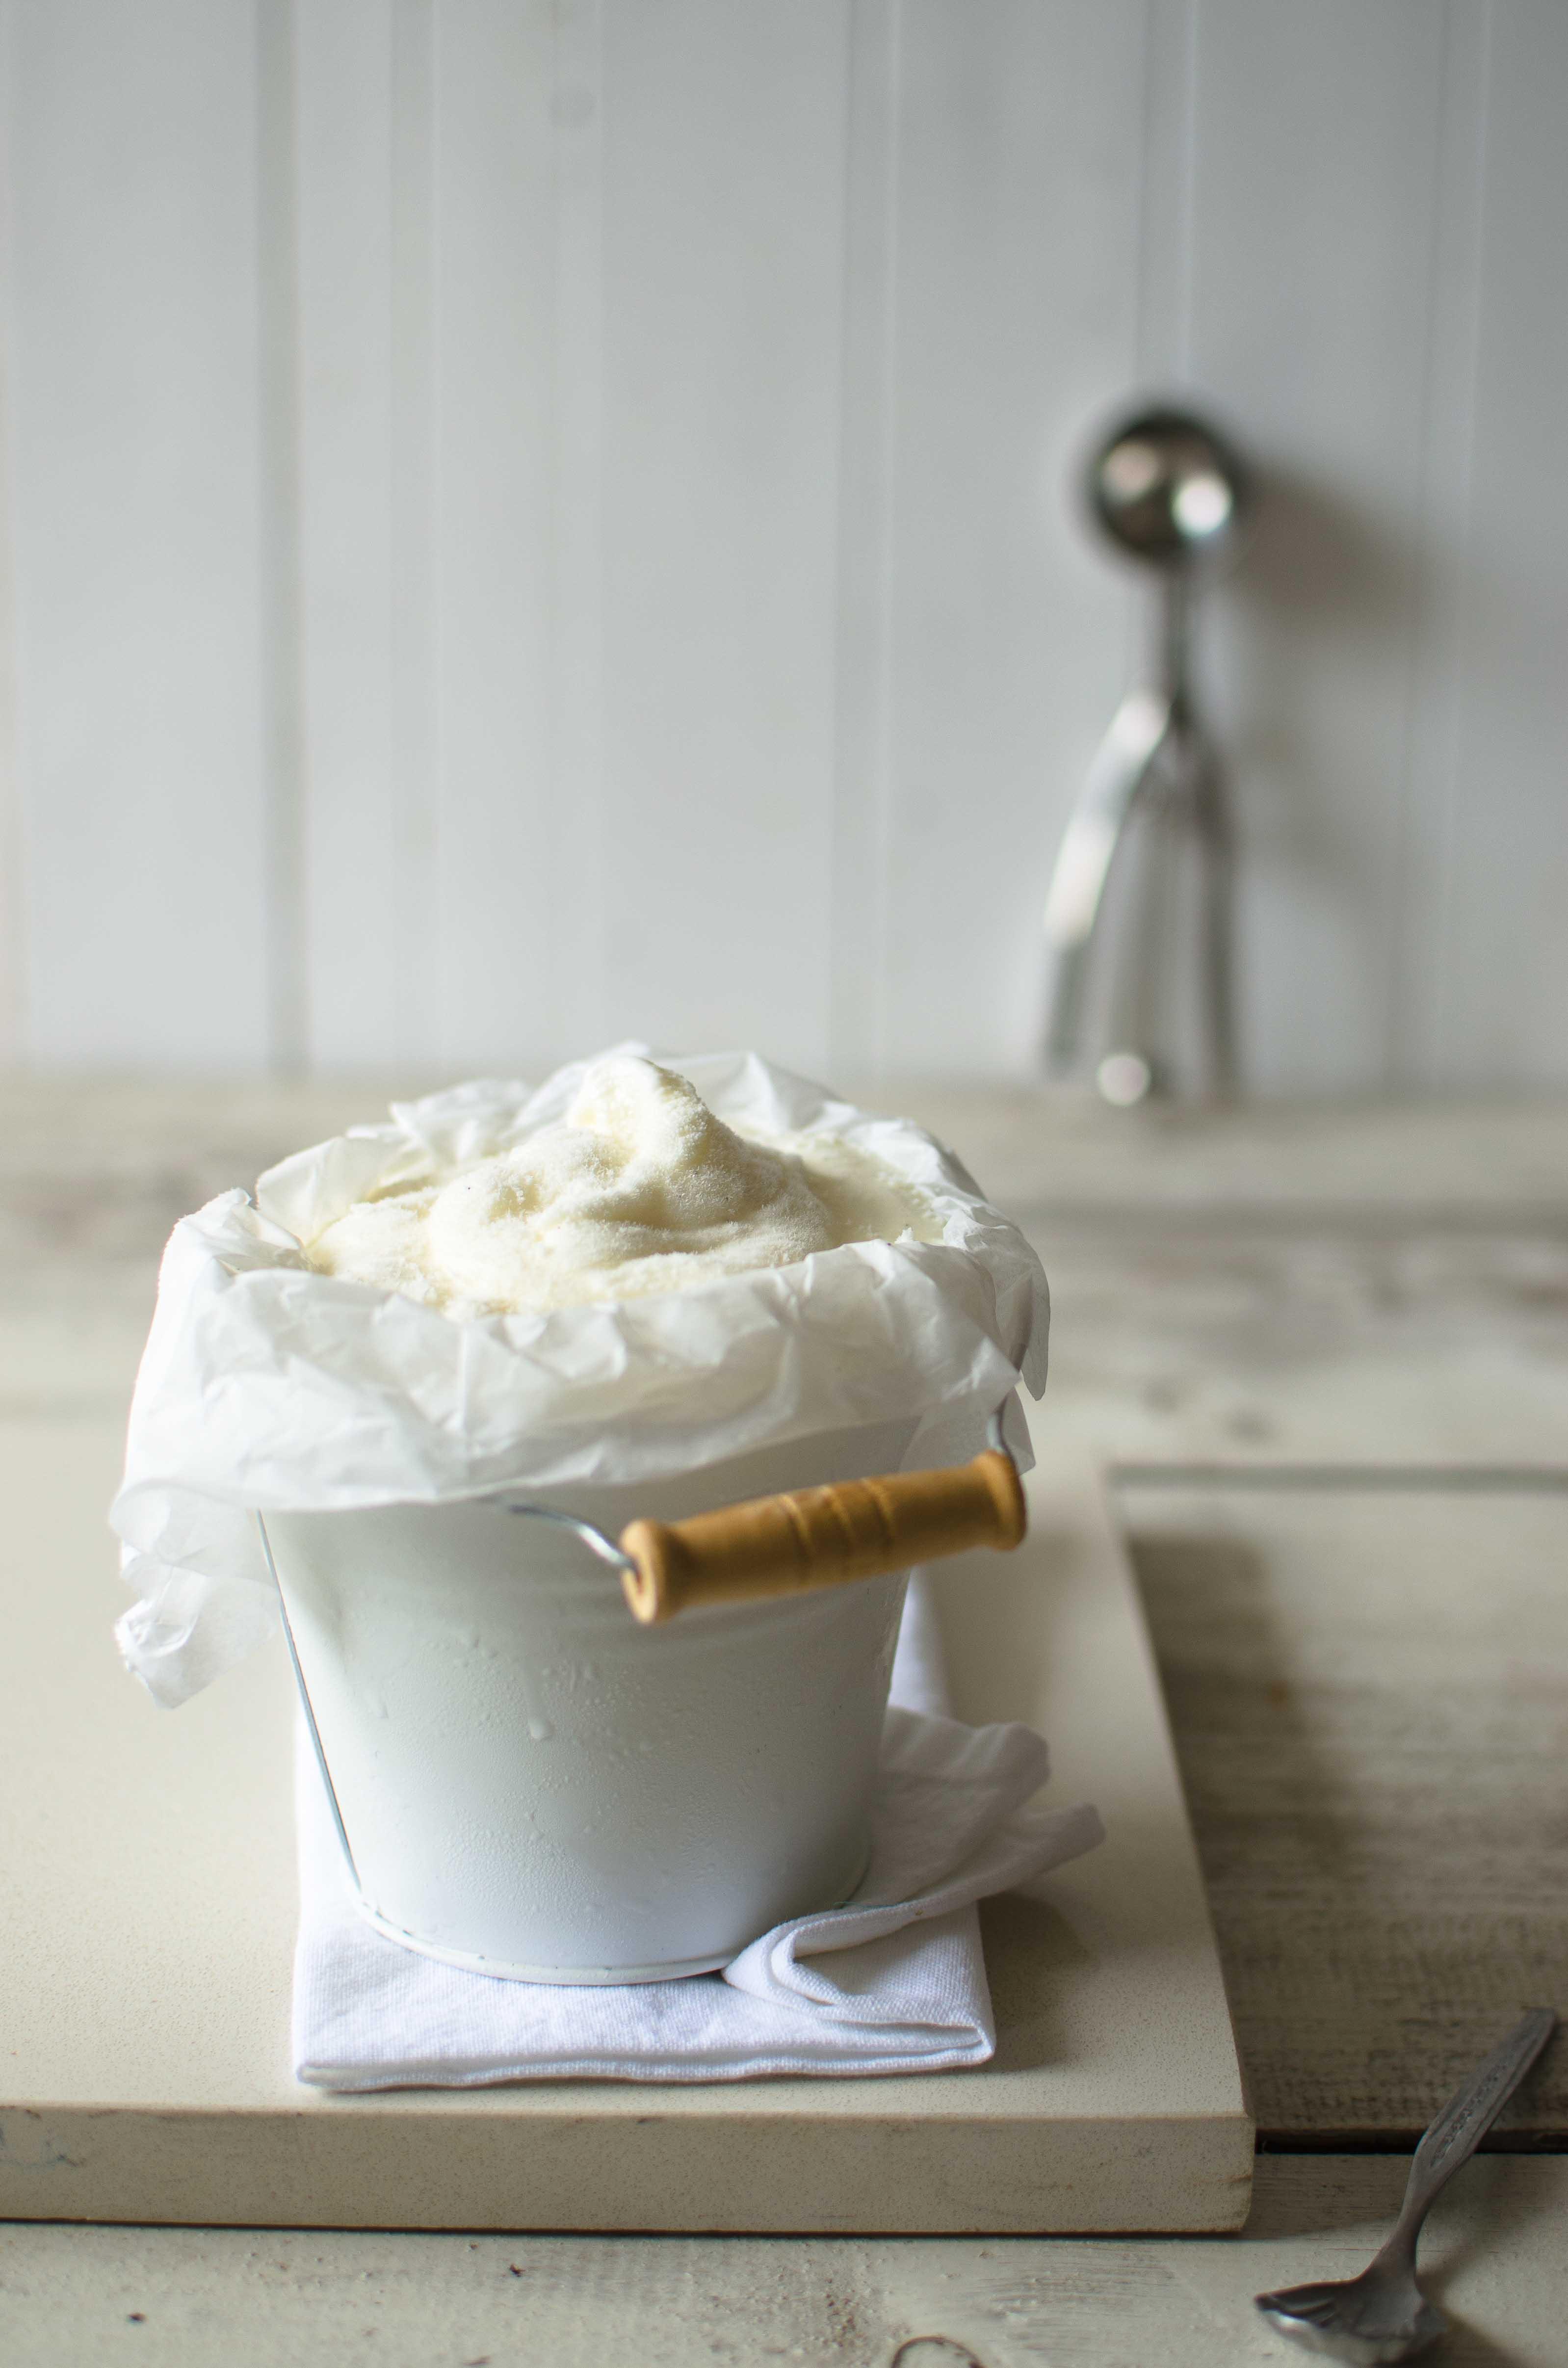 gelato-vaniglia Gelato alla vaniglia